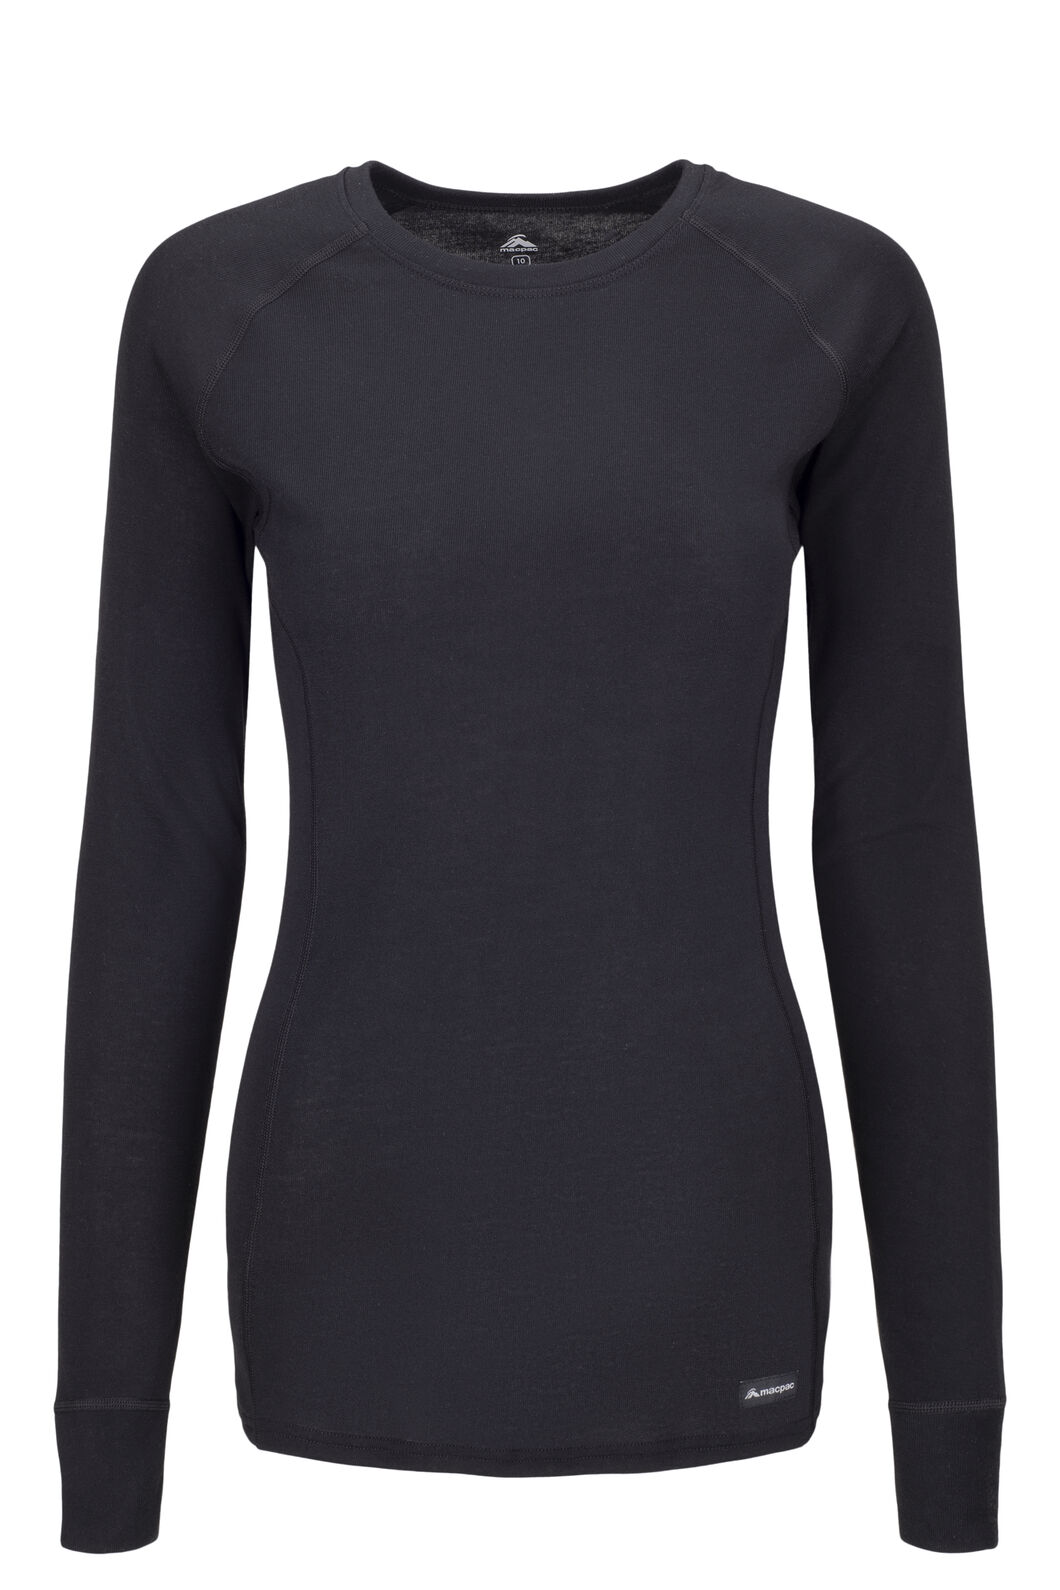 Macpac Women's Geothermal Long Sleeve Top, Black, hi-res